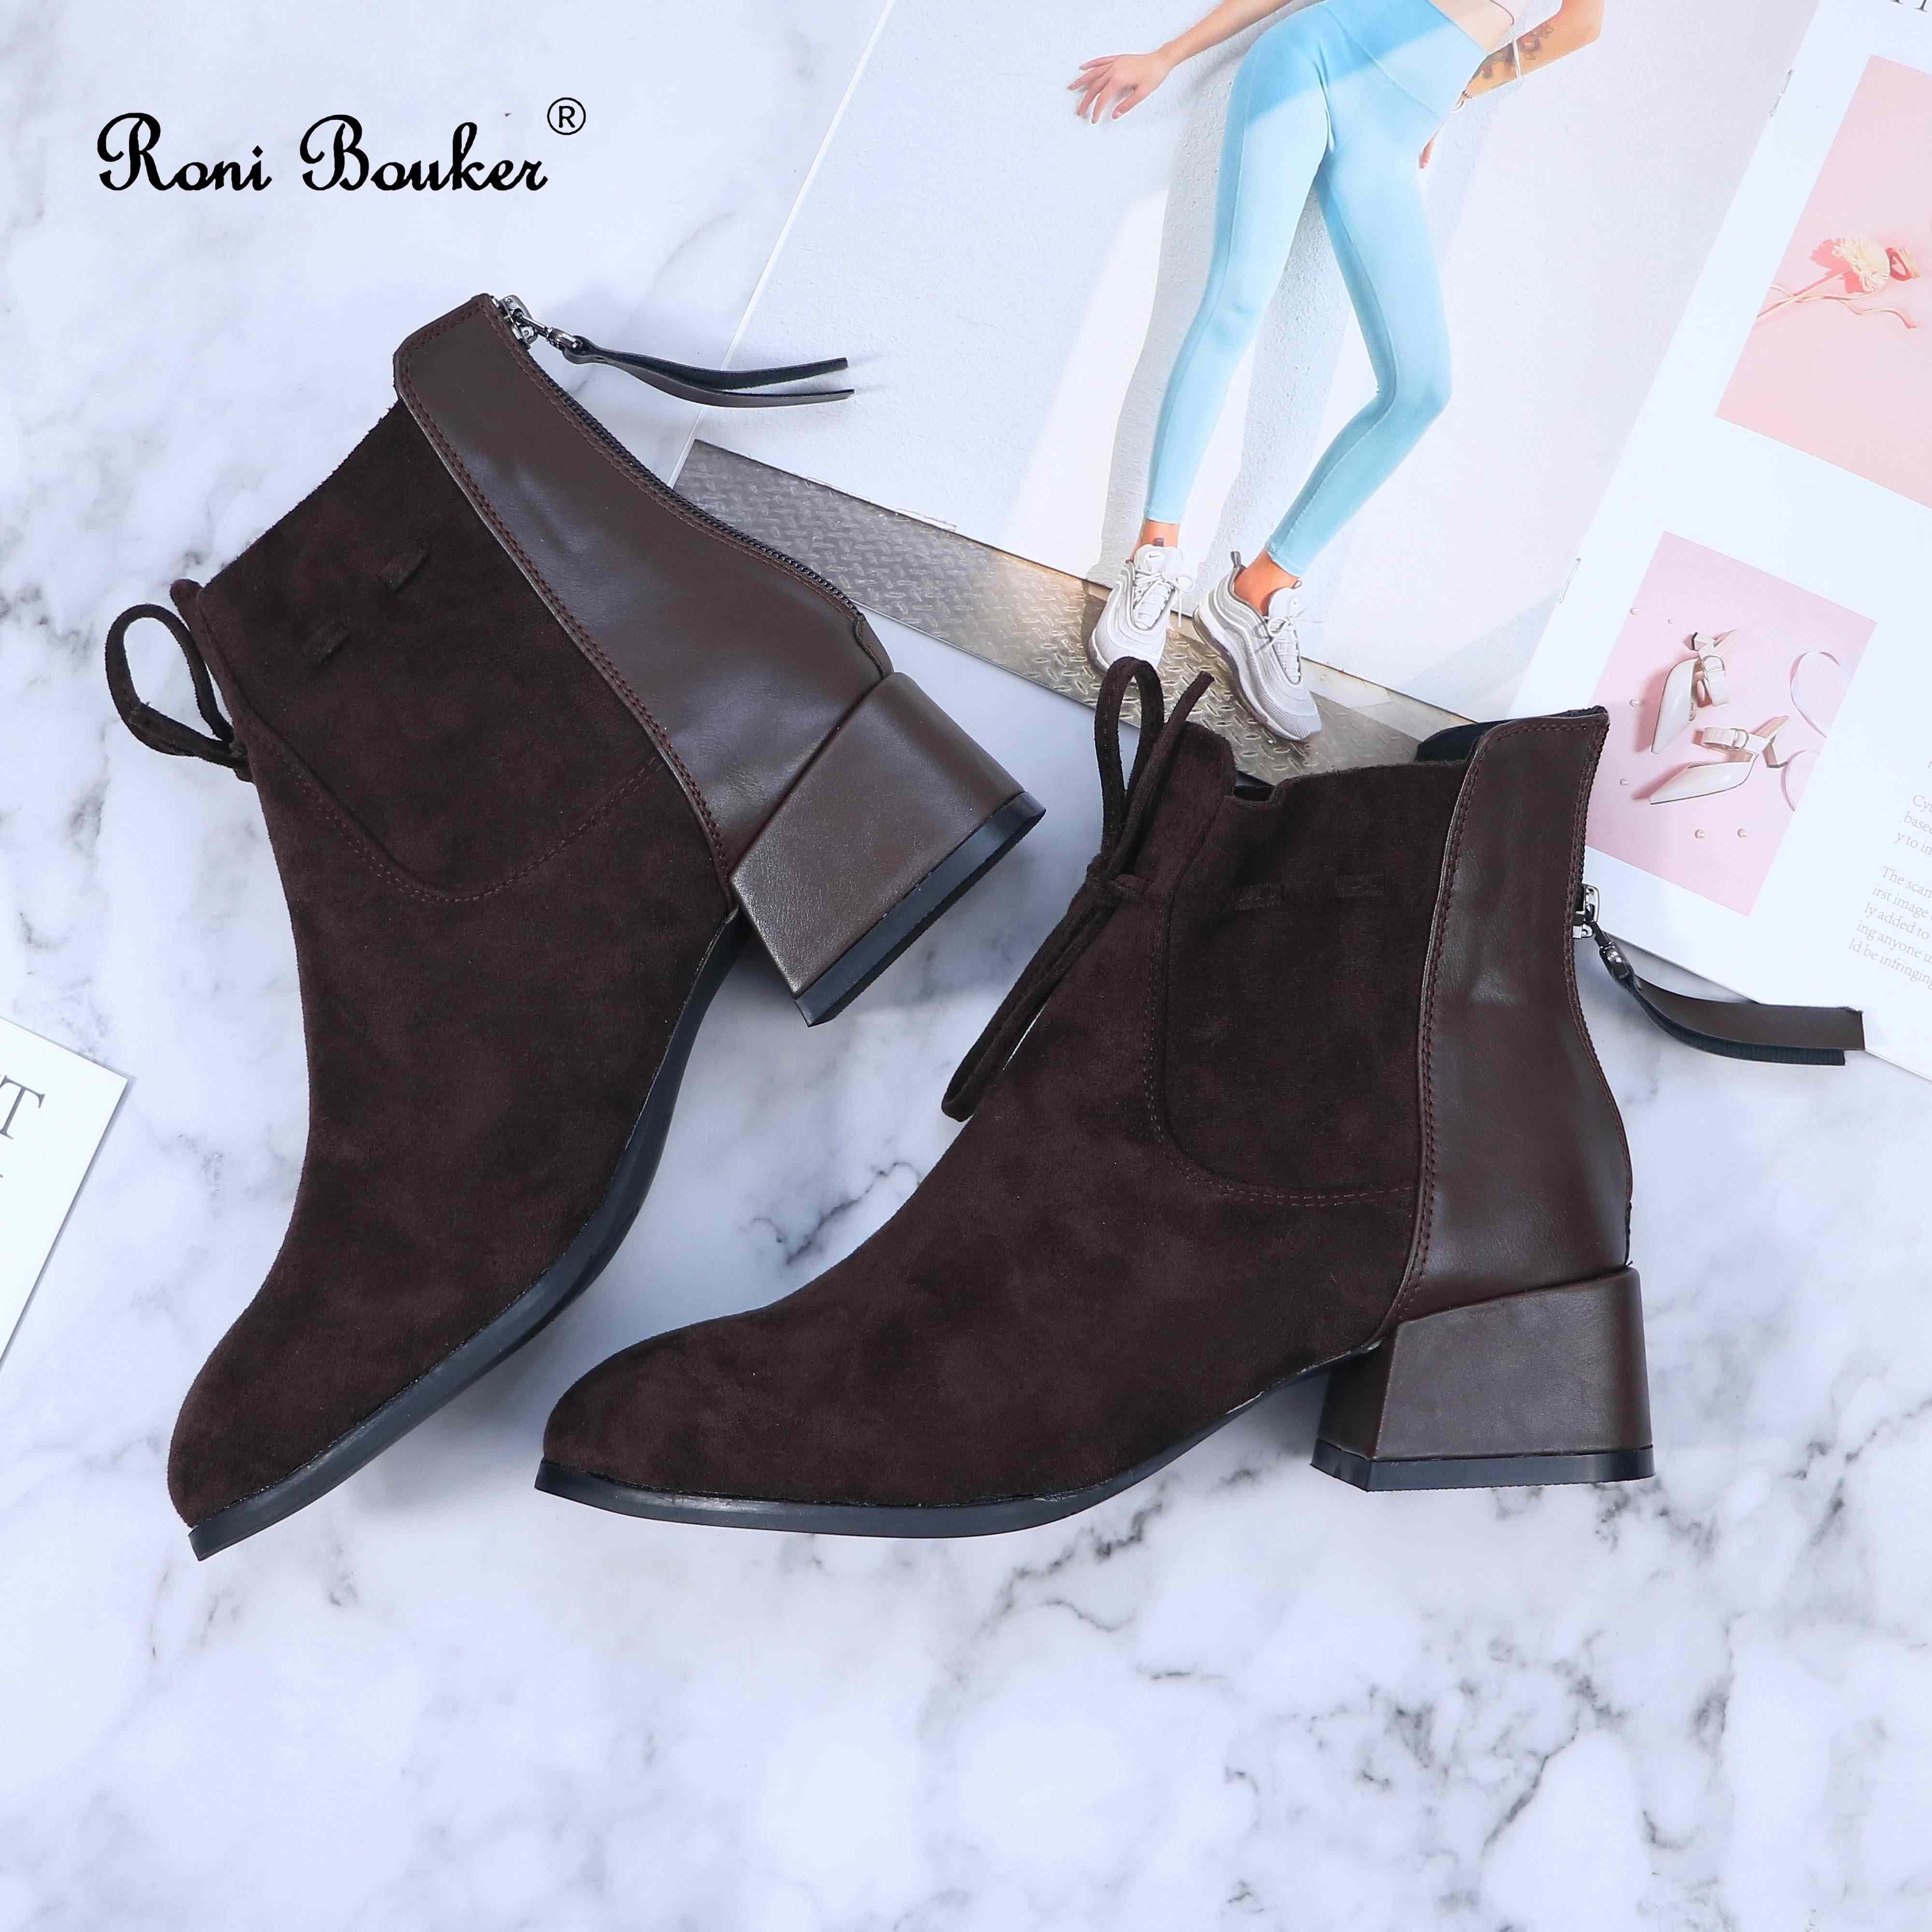 Roni Bouker 2019 kadın sonbahar kış dantel Up patik kadınlar Faux kürk ayak bileği ayakkabı kadın kahverengi yumuşak süet çizmeler boyutu 42 Dropship